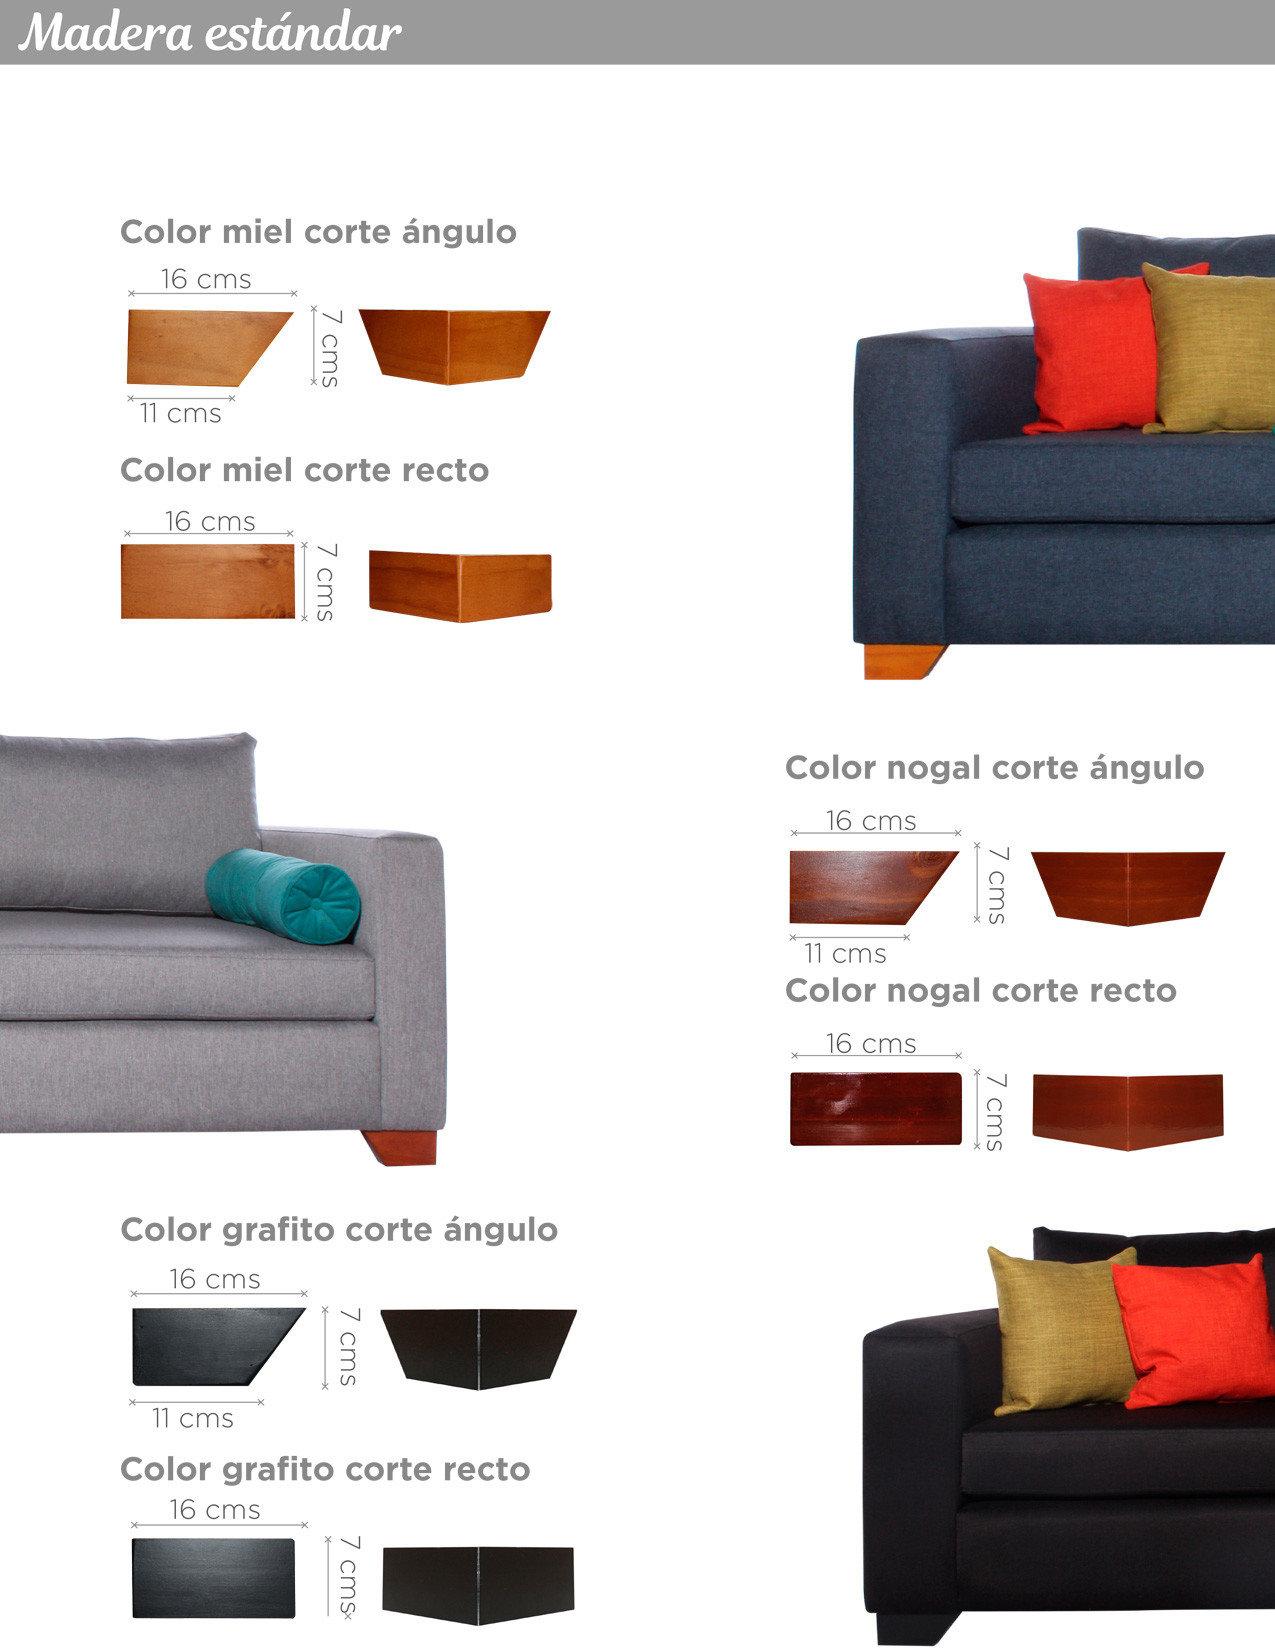 Patas de madera corte recto y ángulo colores miel, nogal y grafito para sofa